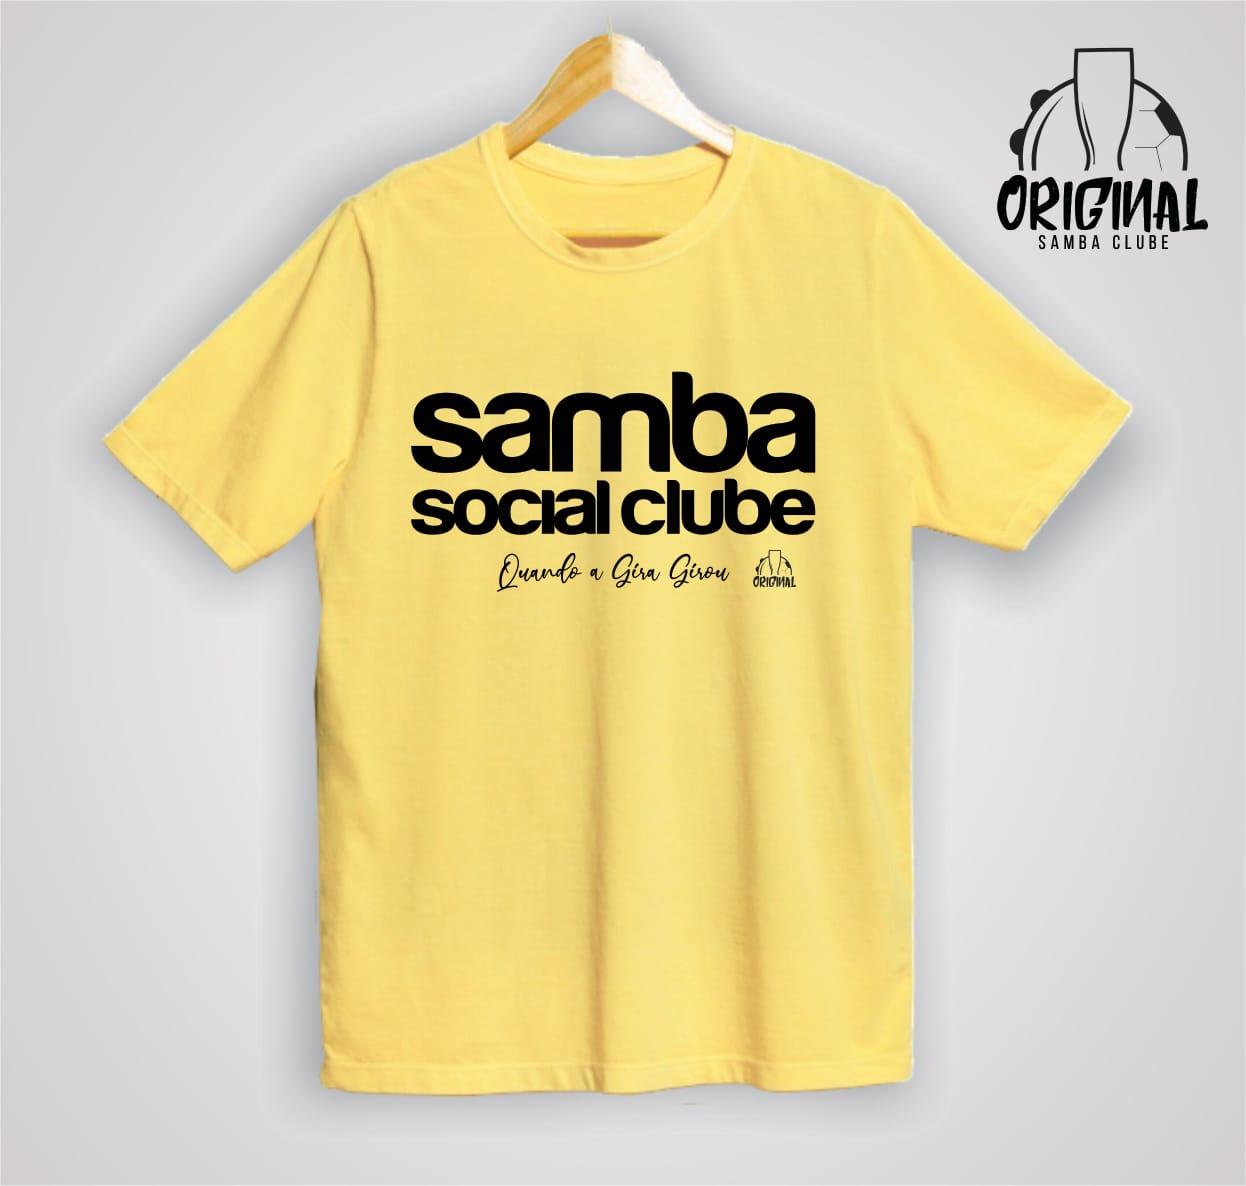 Camisa Quando a Gira Girou - Samba Social Clube